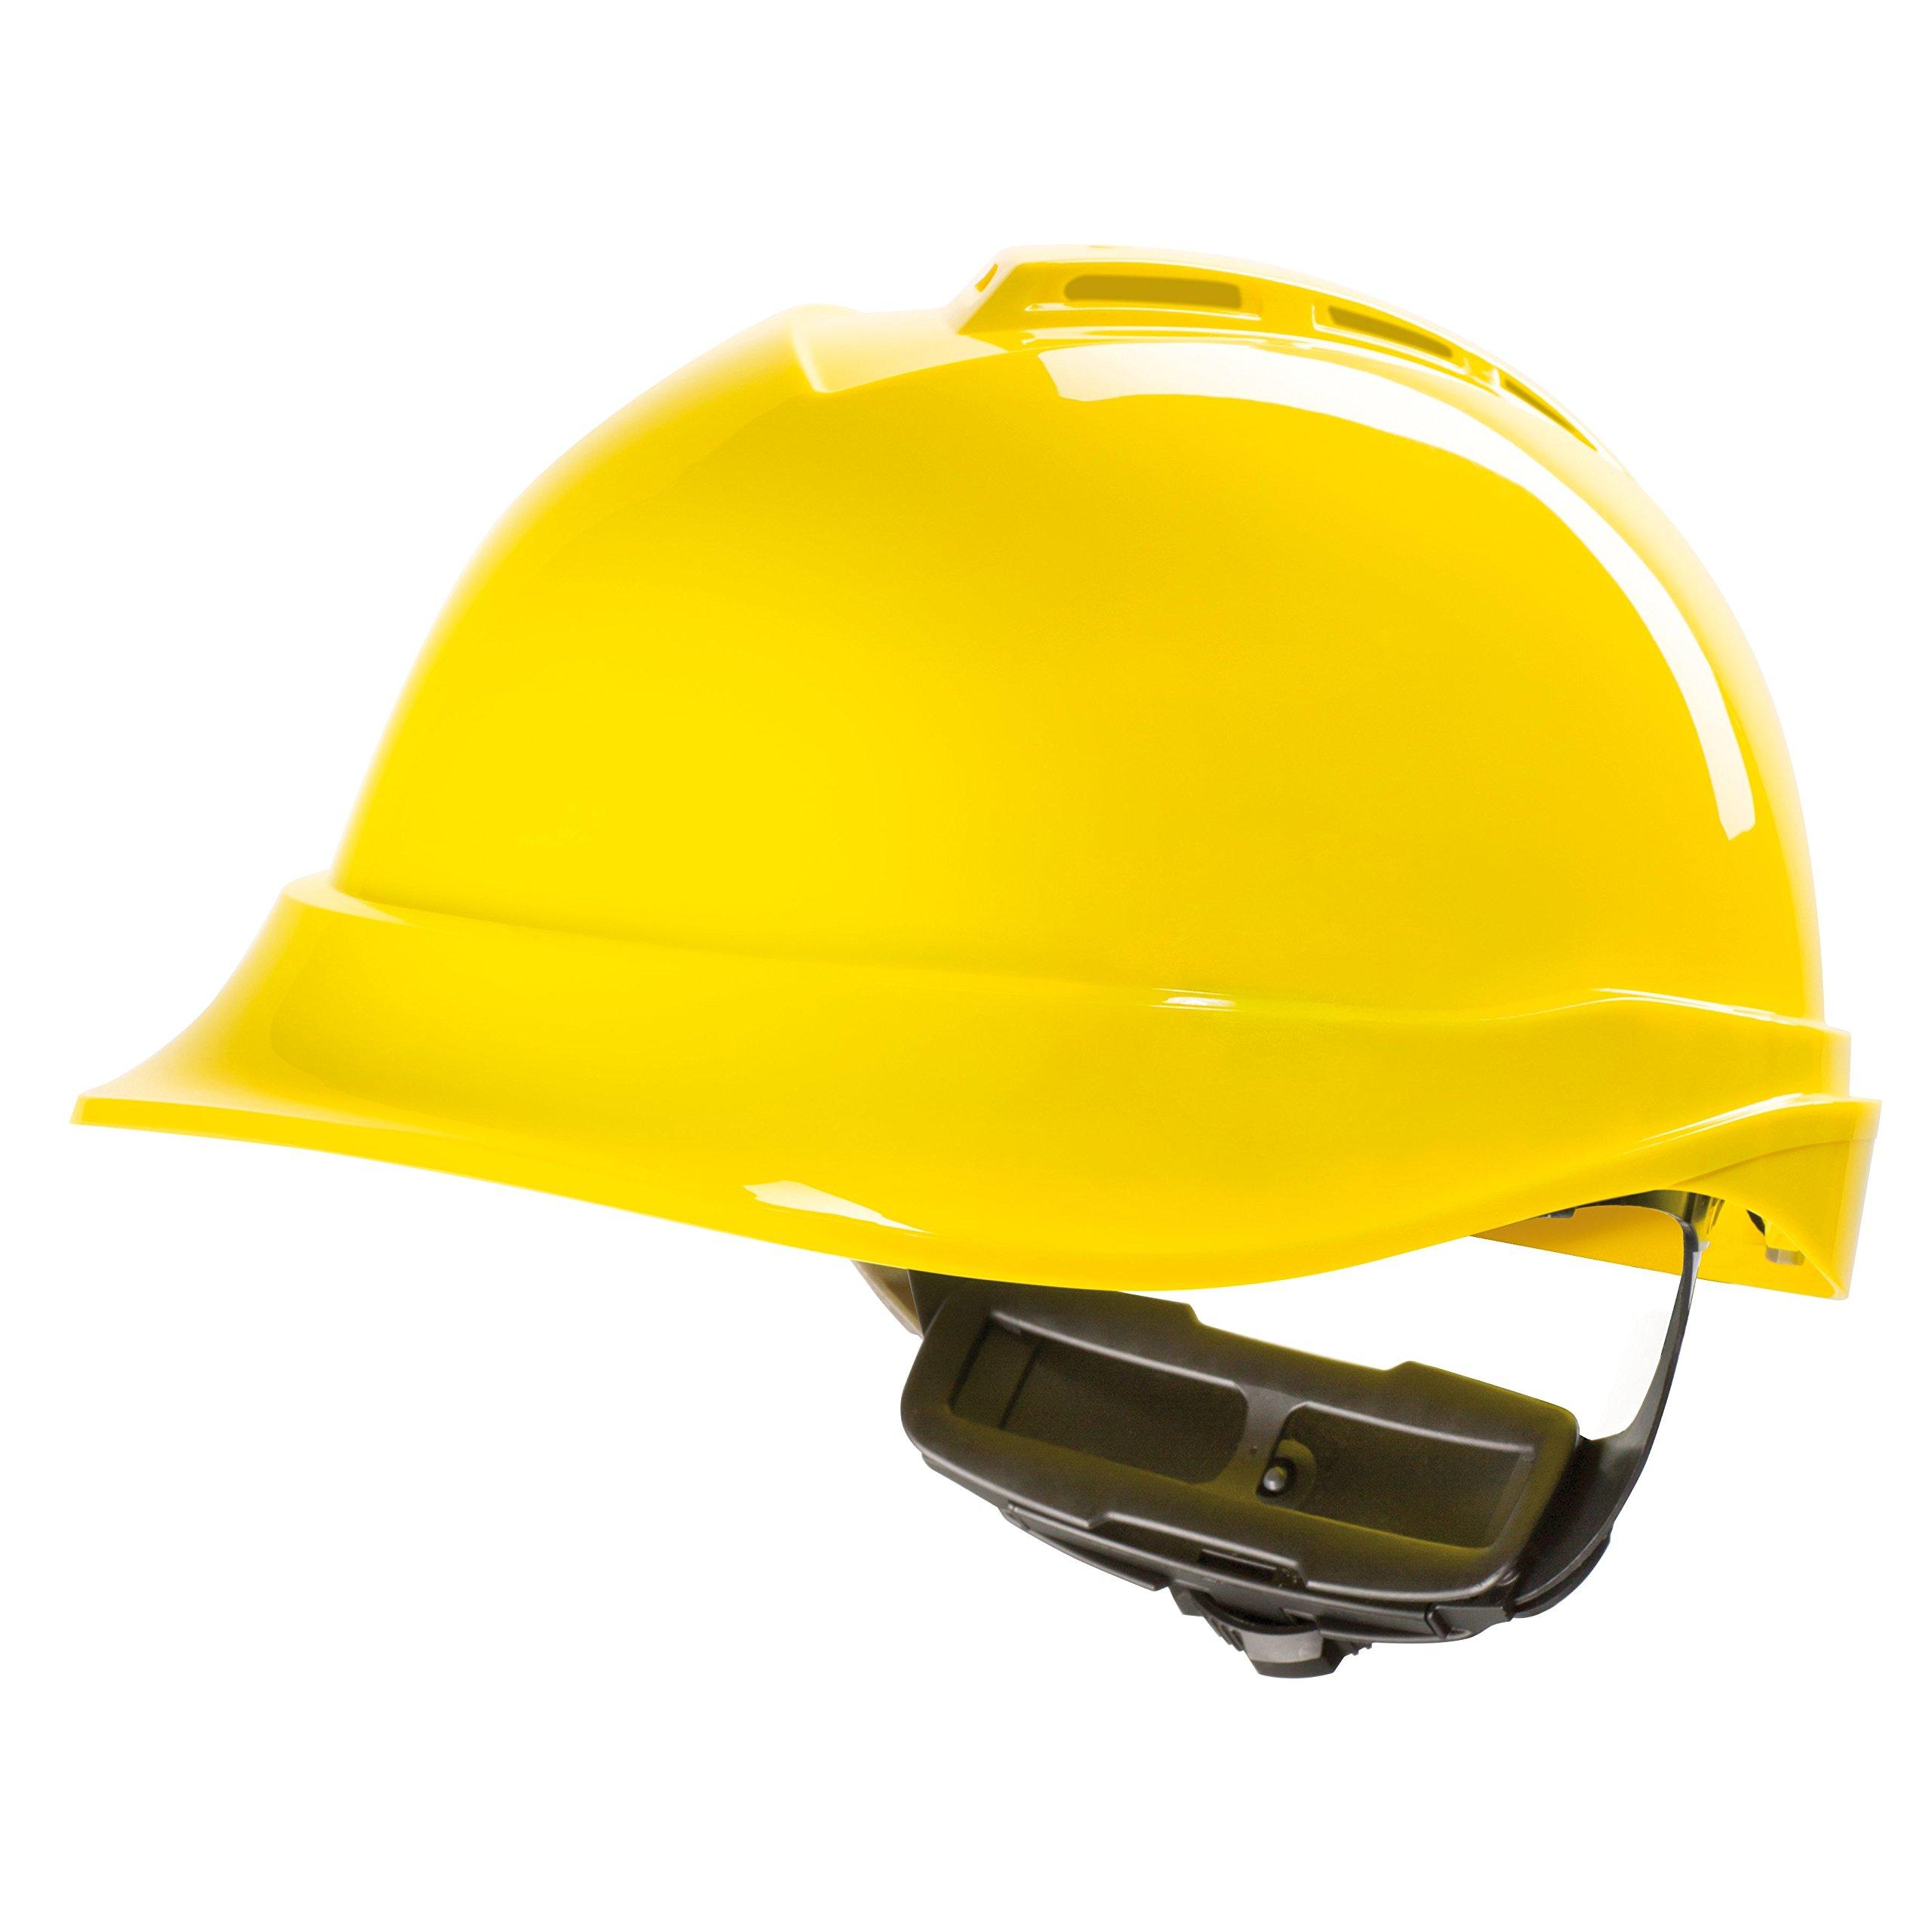 Am Besten Bewertete Produkte In Der Kategorie Kopfschutz Amazon De